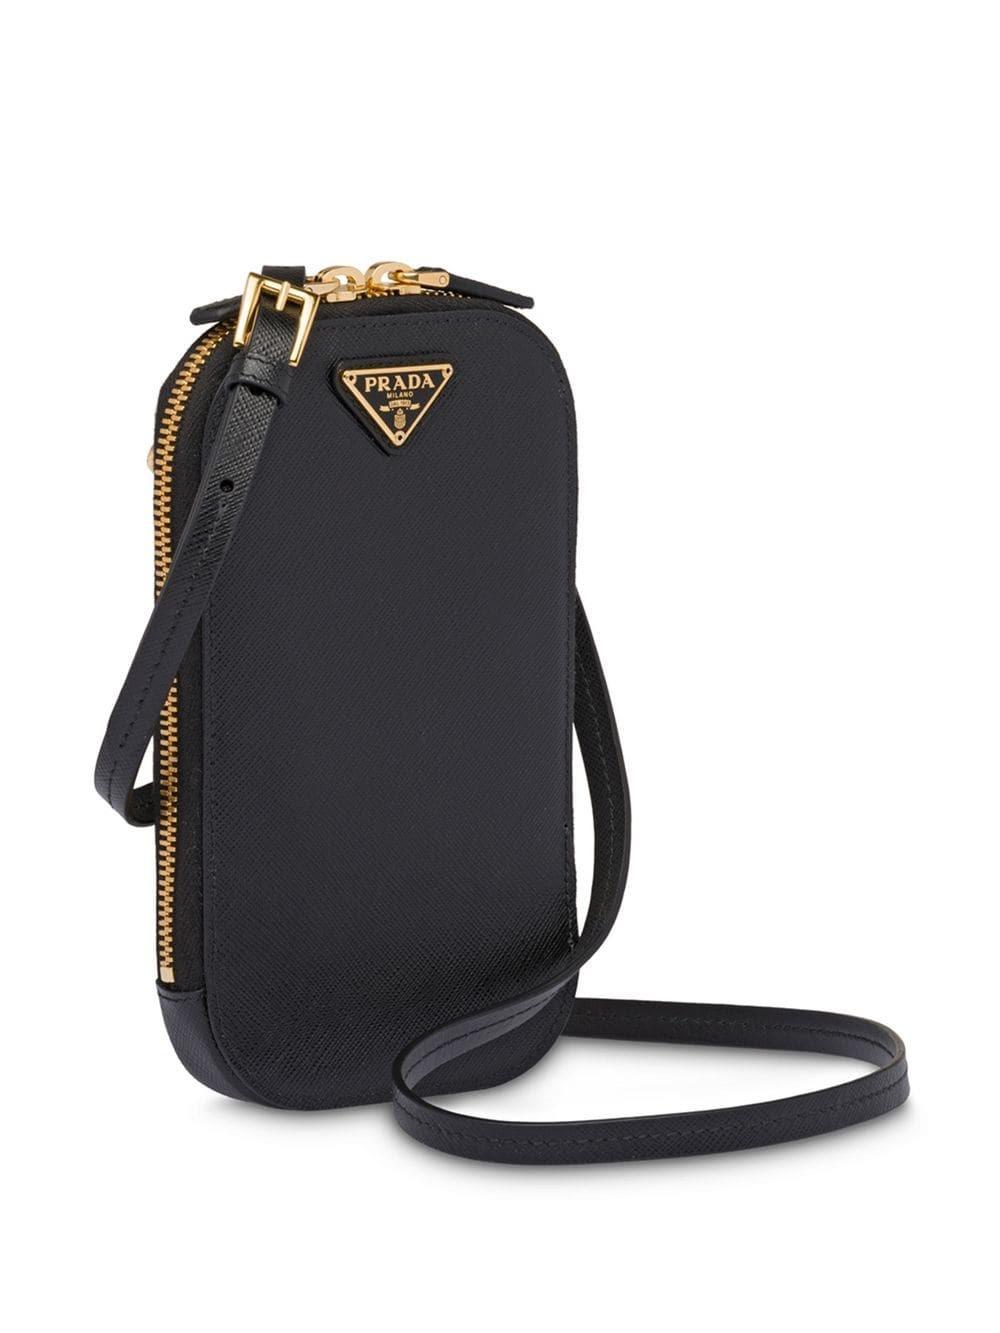 8ab2491e6dfb prada MINI CROSS BODY BAG available on montiboutique.com - 28209